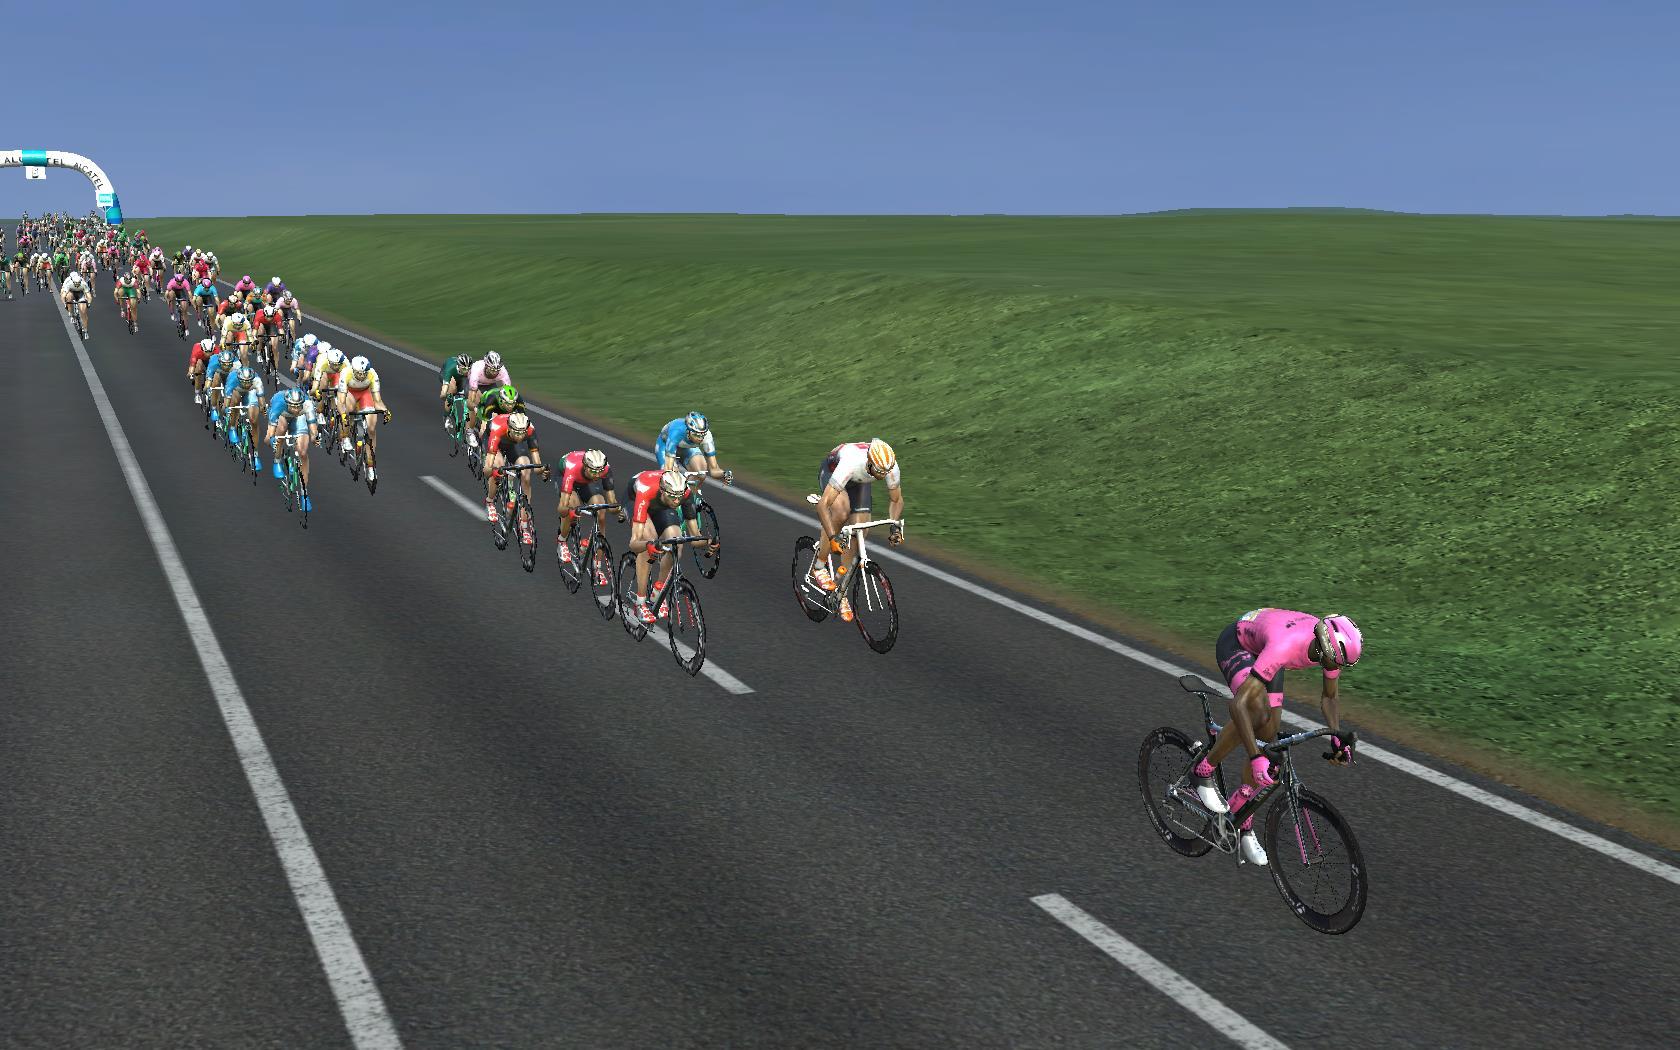 pcmdaily.com/images/mg/2018/Races/C2HC/ParisTours/PCM0015.jpg